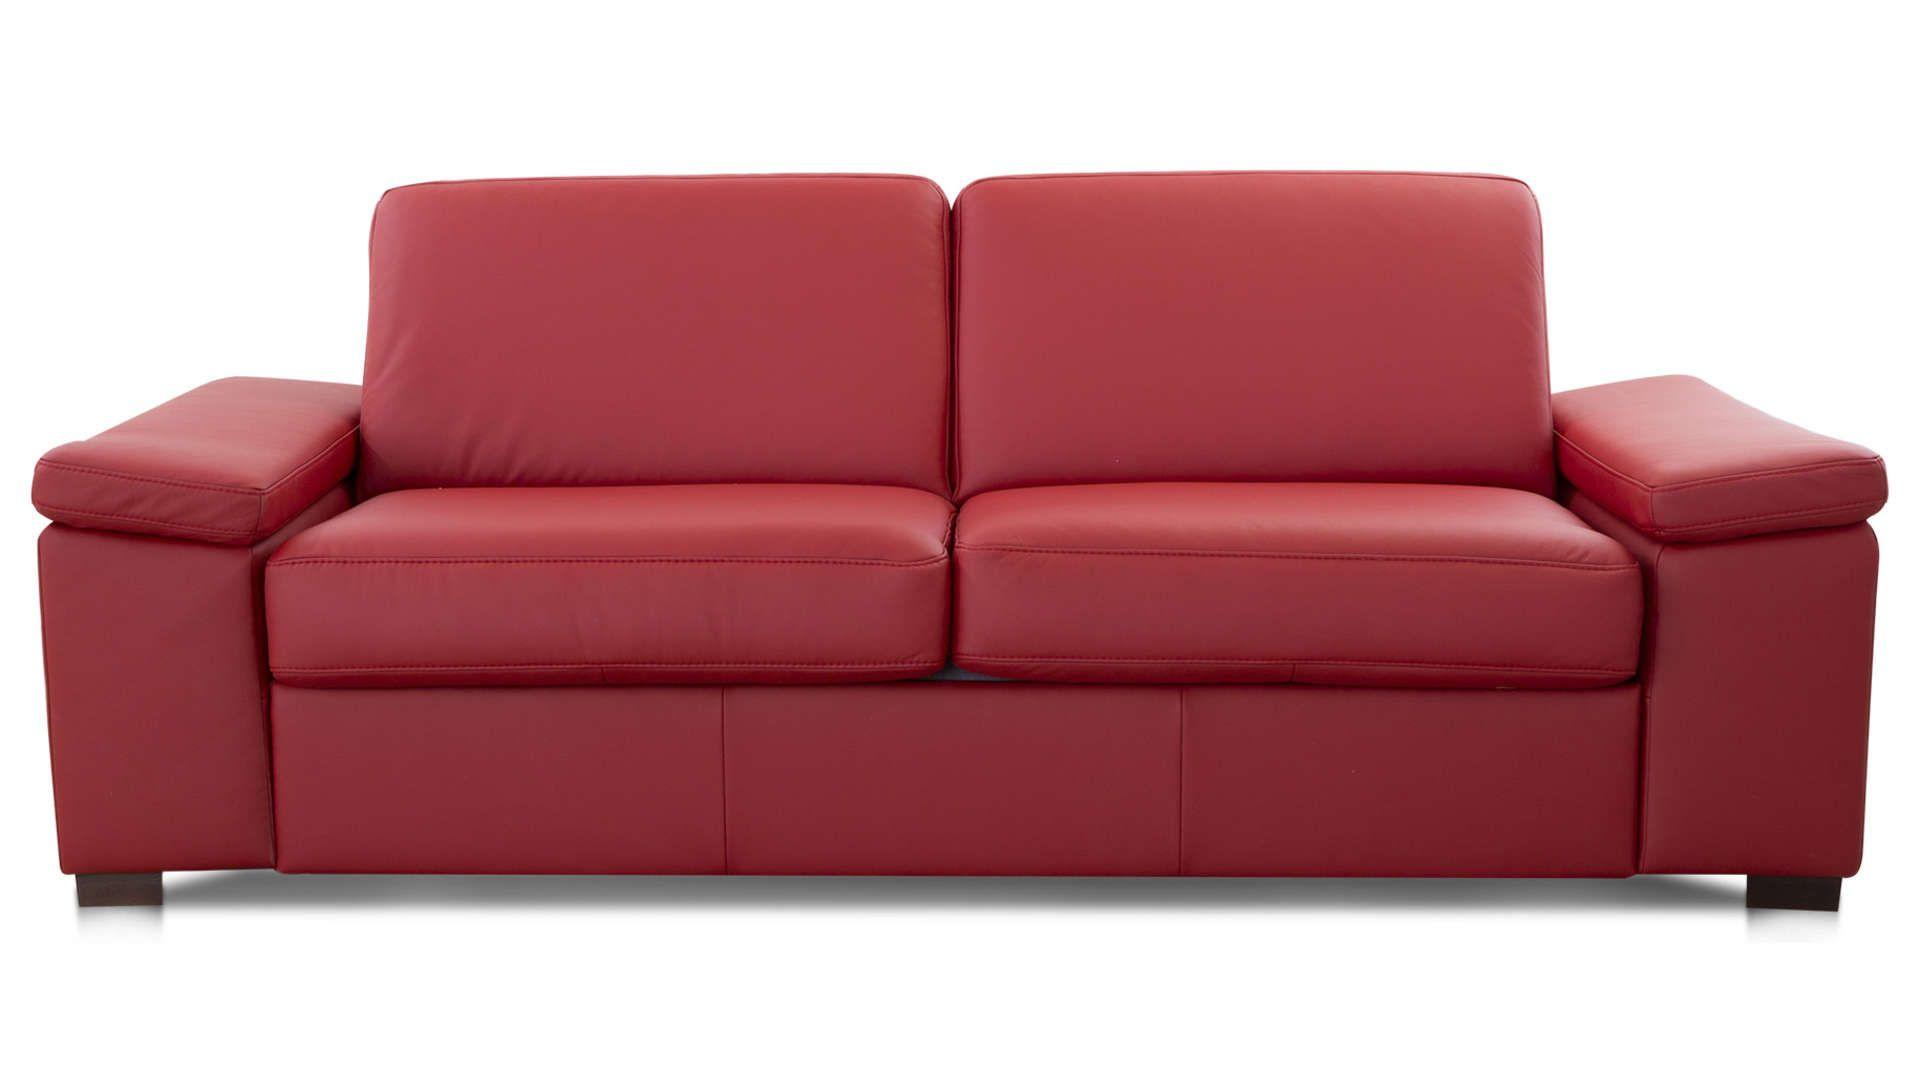 Canapé Droit Convertible 2,5 Places En Cuir Comfort Bultex ... pour Canapé Divalit Bultex